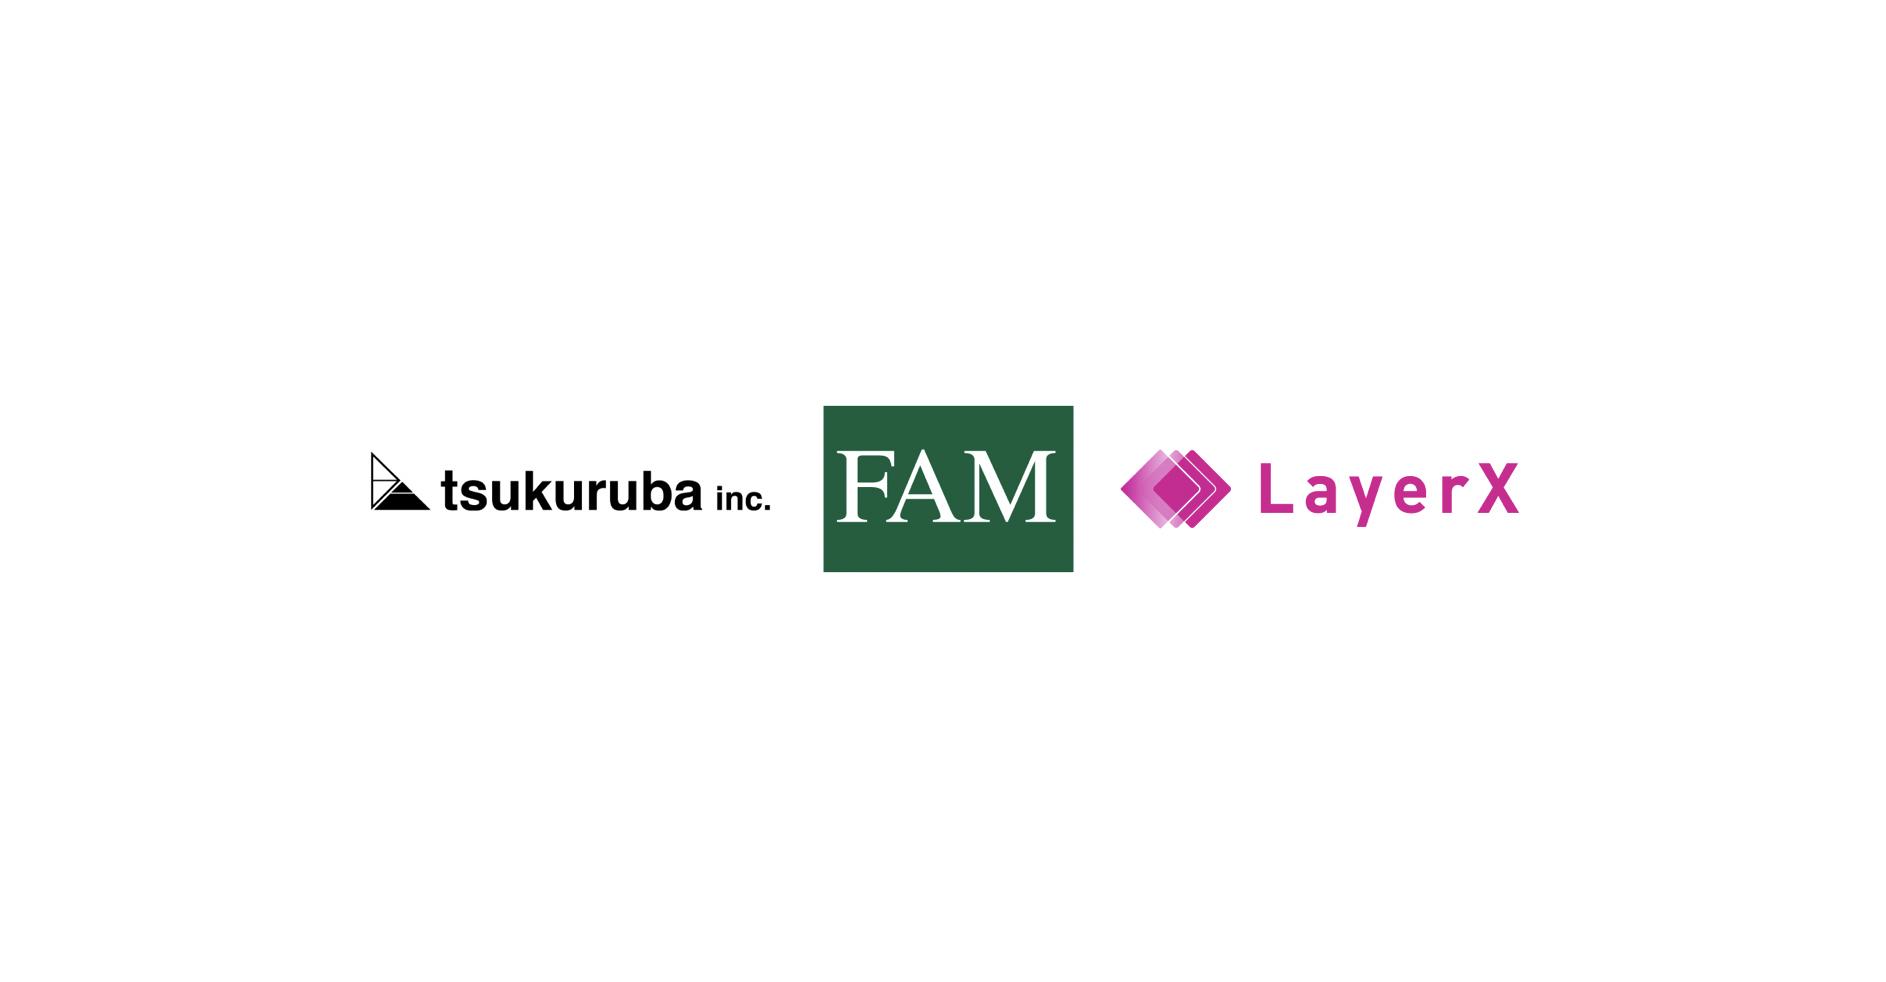 ツクルバ×FAM×LayerX | 中古・リノベーション住宅の流通プラットフォームデータベース活用で協業へ